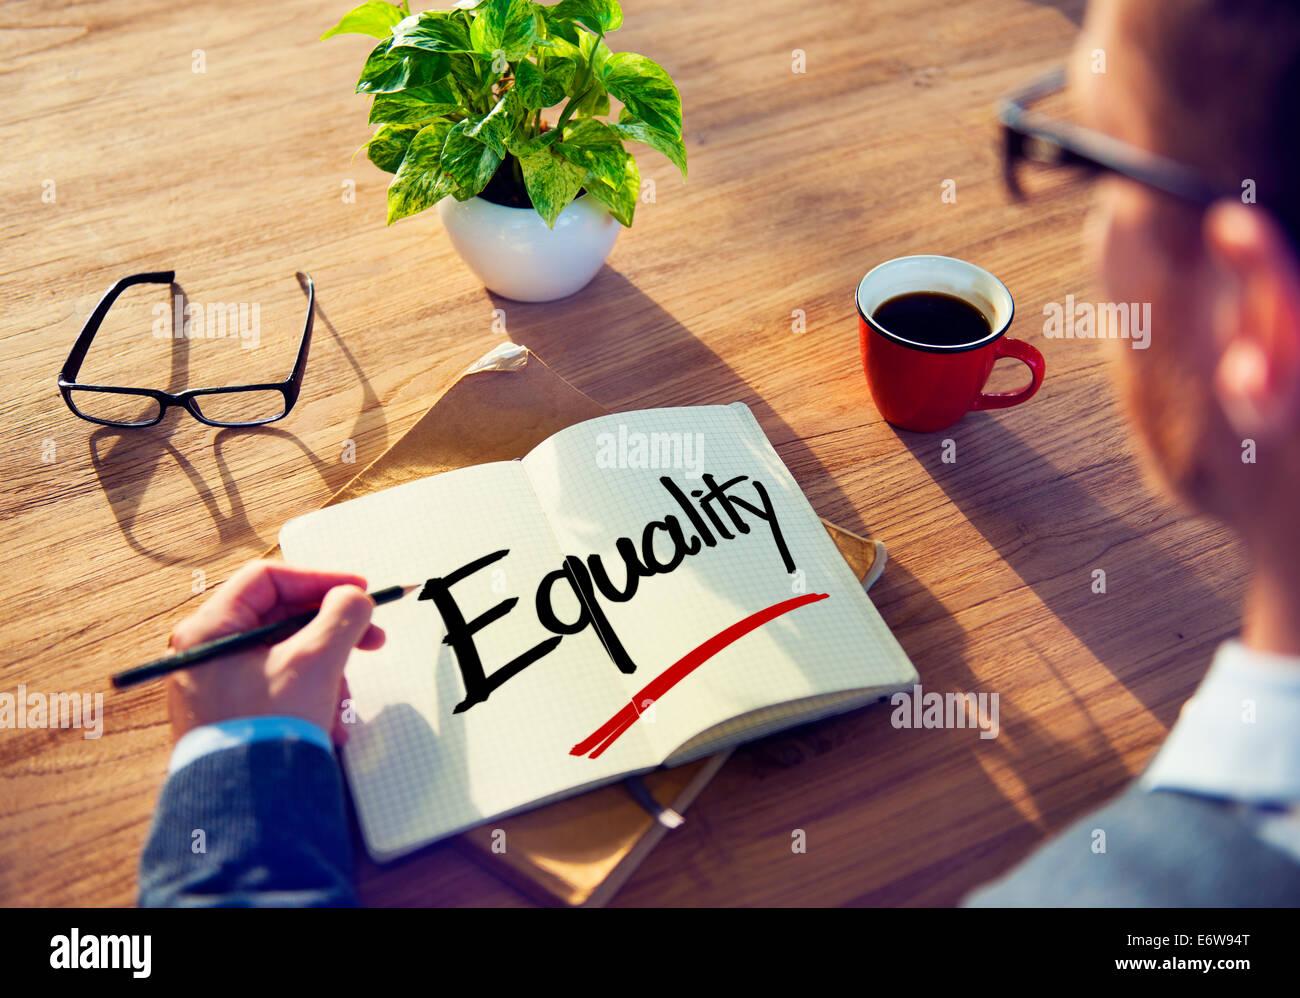 Hombre con notas y el concepto de equidad Imagen De Stock